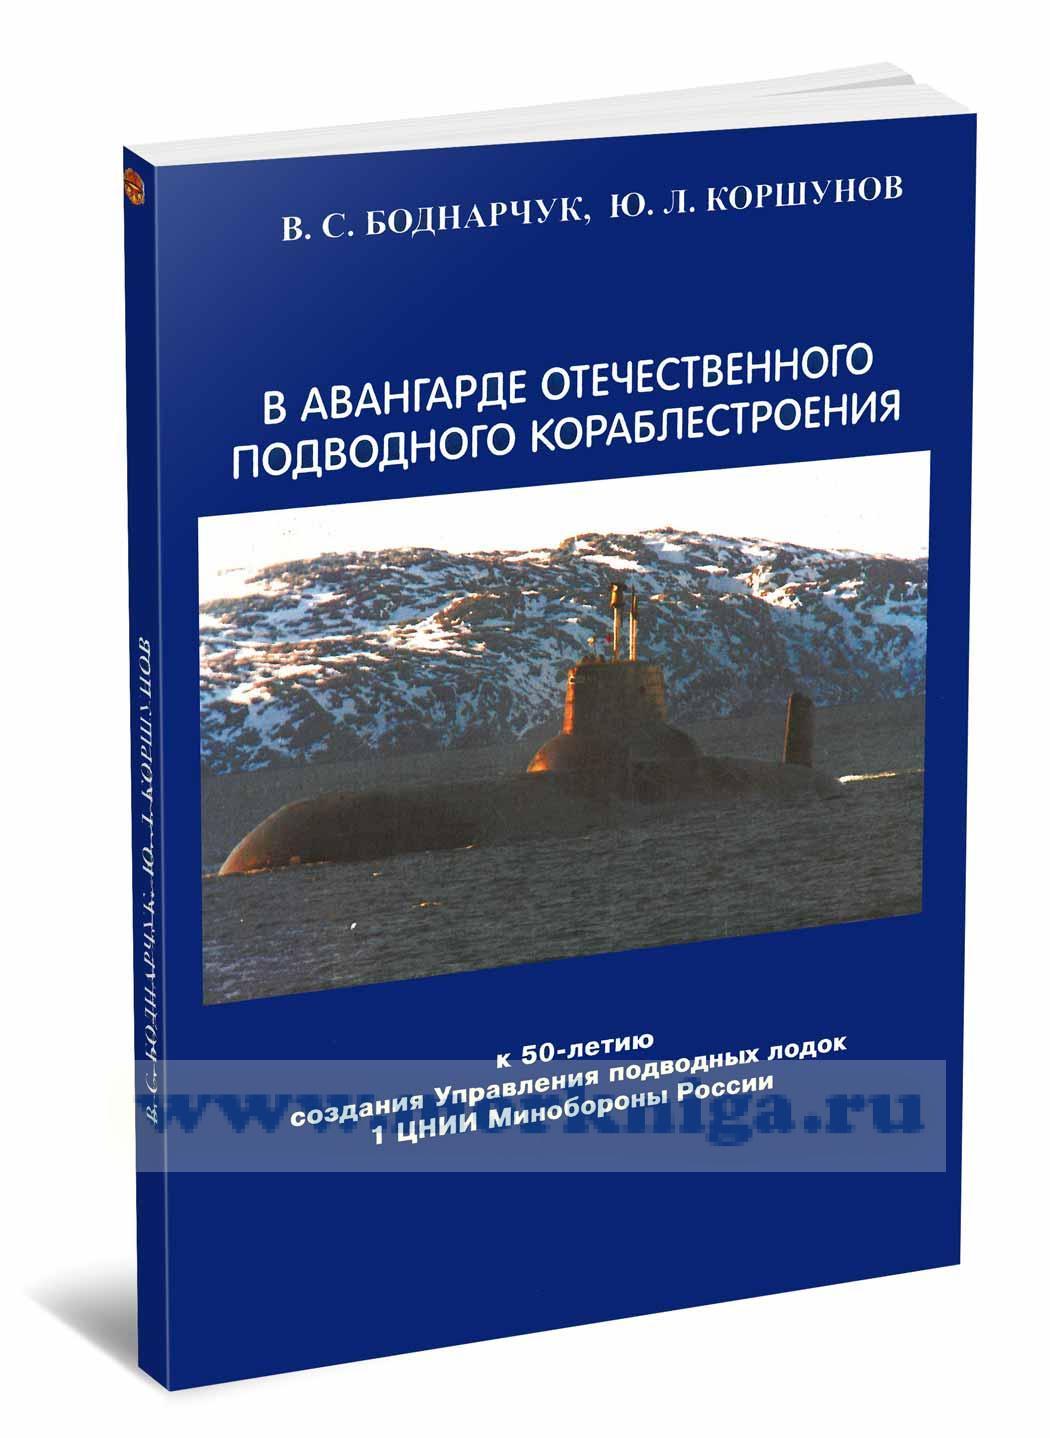 В авангарде отечественного подводного кораблестроения. К 50-летию создания Управления подводных лодок 1 ЦНИИ Минобороны России